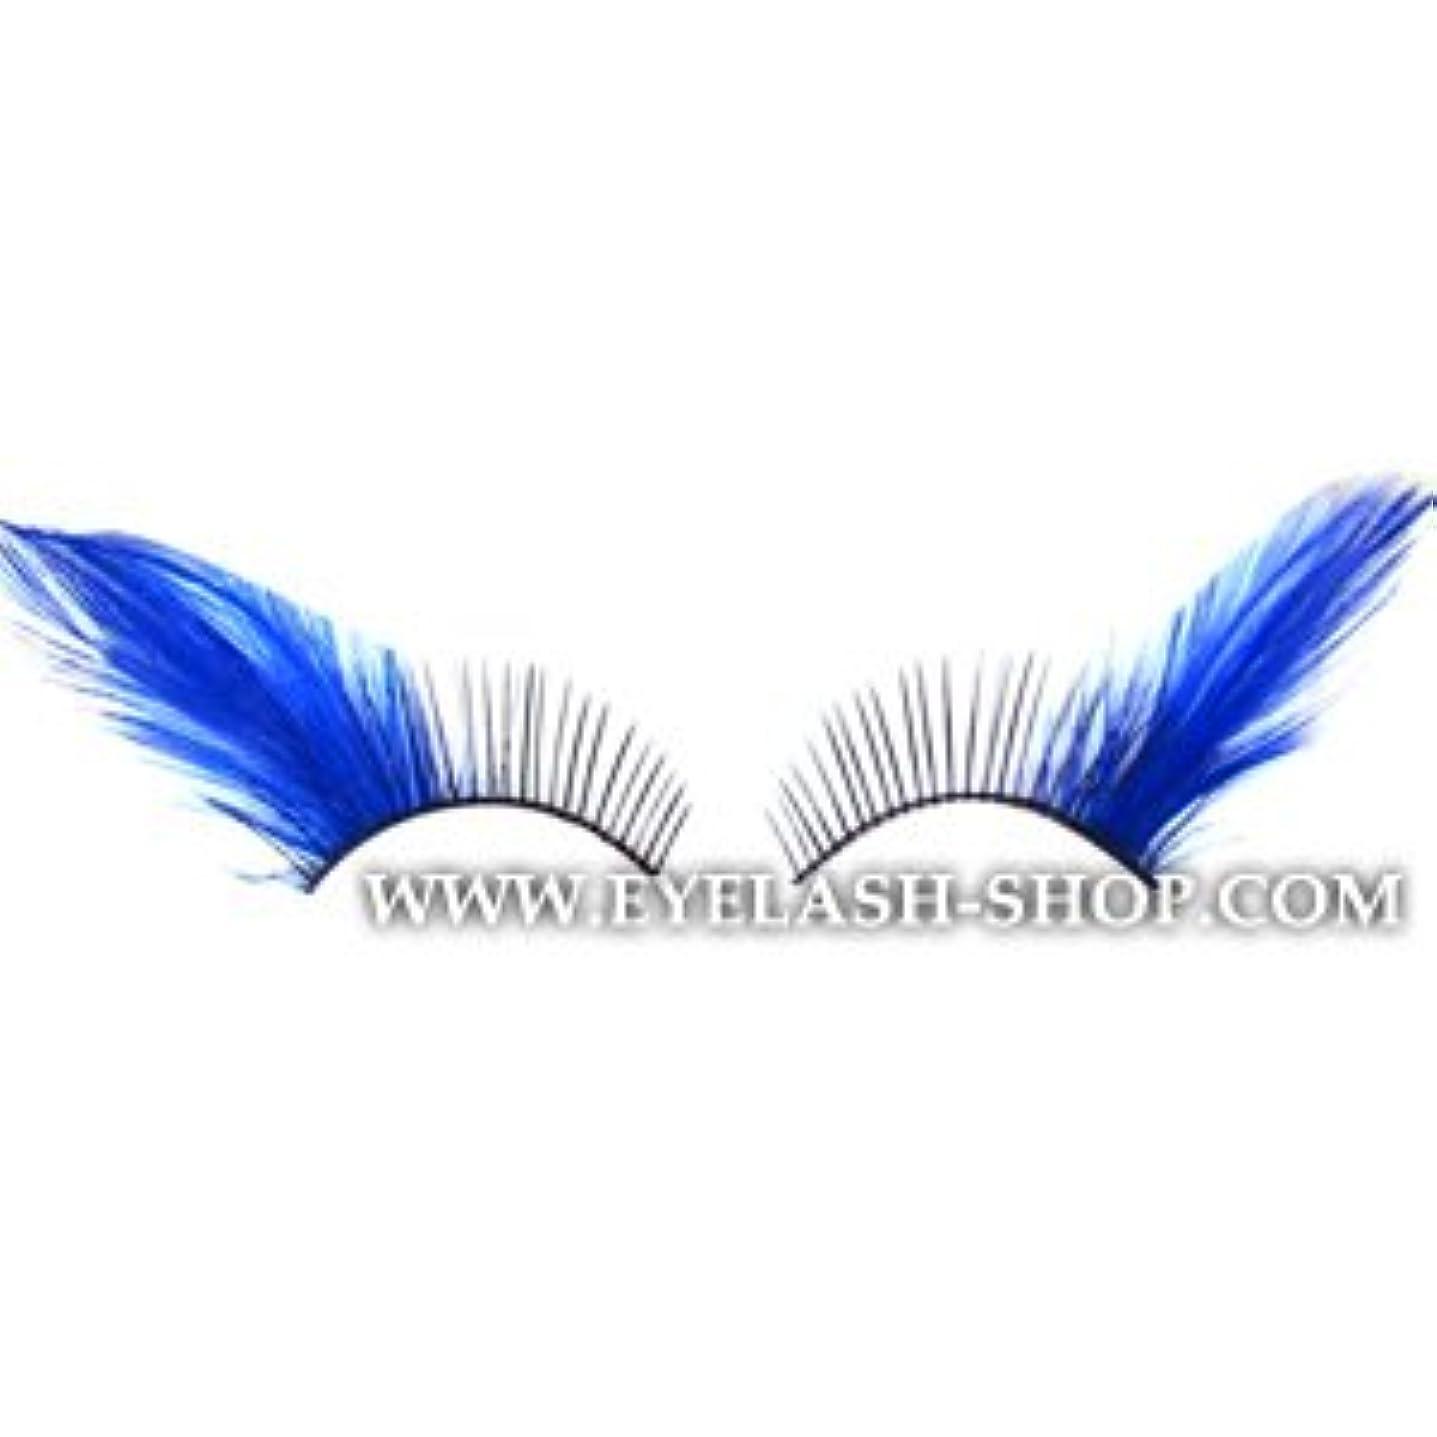 フレームワーク大学院ファンネルウェブスパイダーつけまつげ セット 羽 ナチュラル つけま 部分 まつげ 羽まつげ 羽根つけま カラー デザイン フェザー 激安 アイラッシュETY-421 (ETY-421BE)